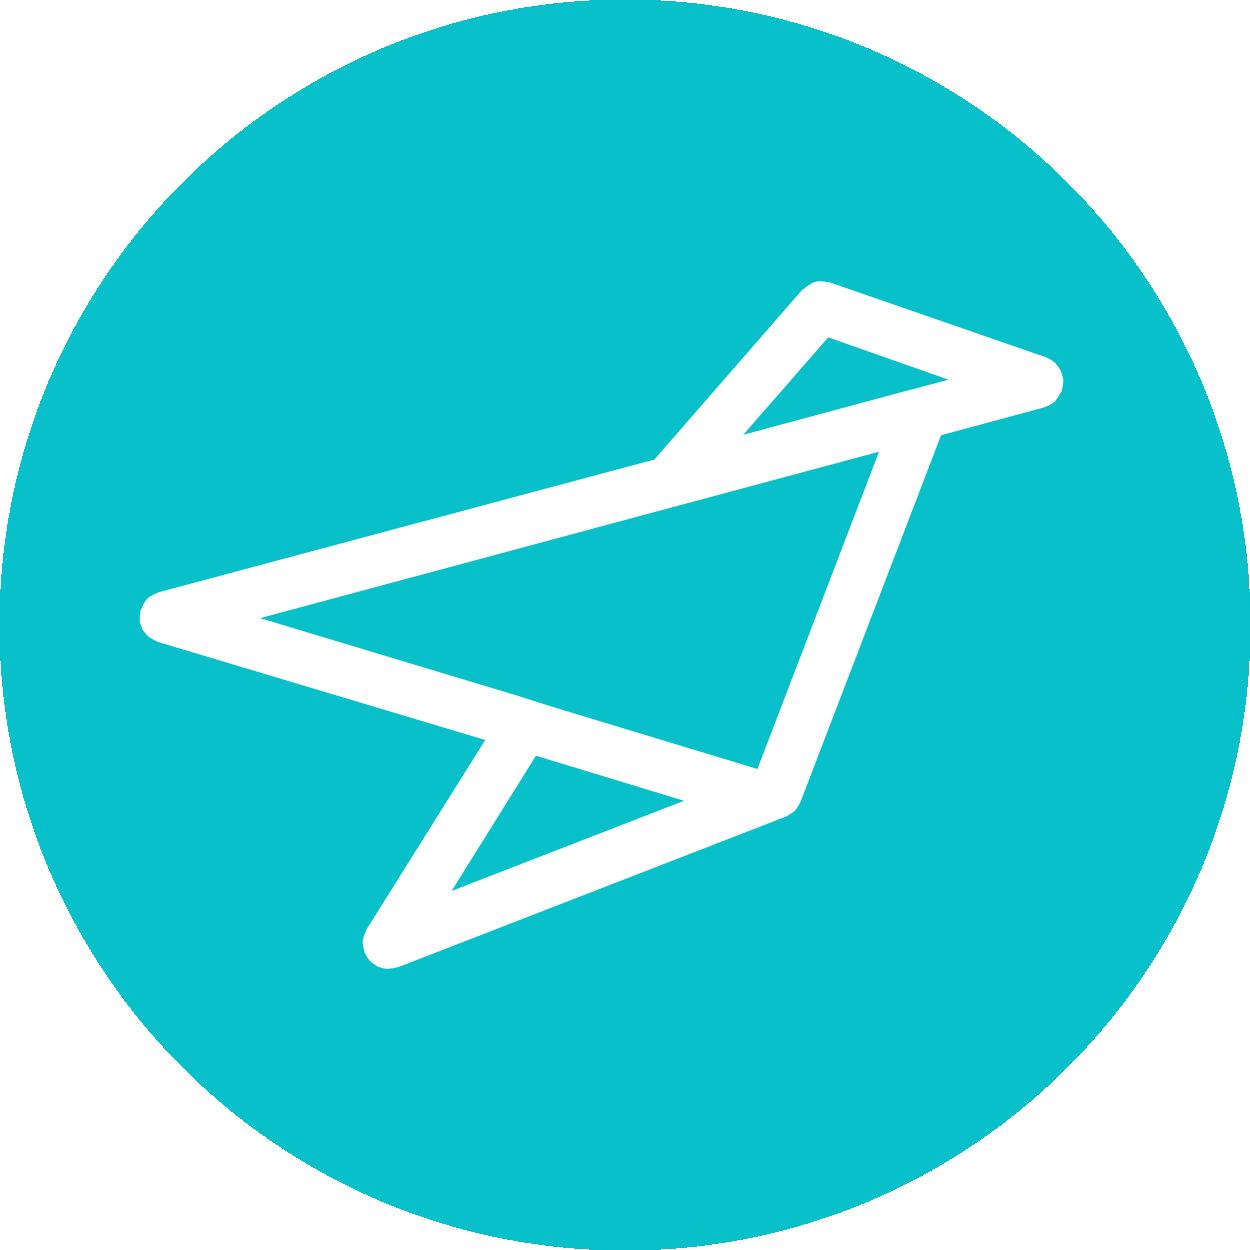 logo-bug-circle